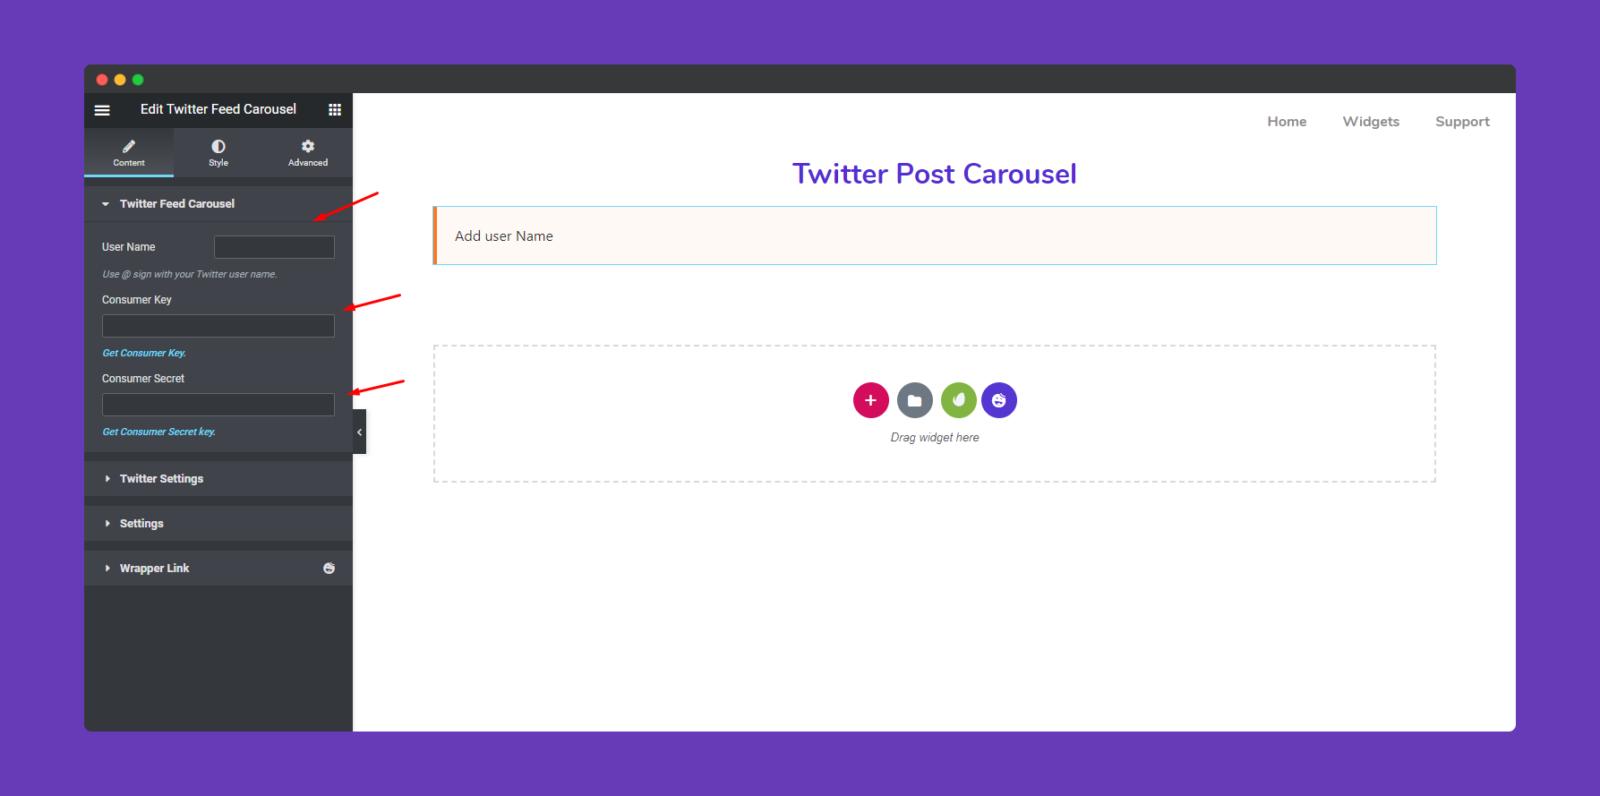 Twitter Feed Carousel Widget